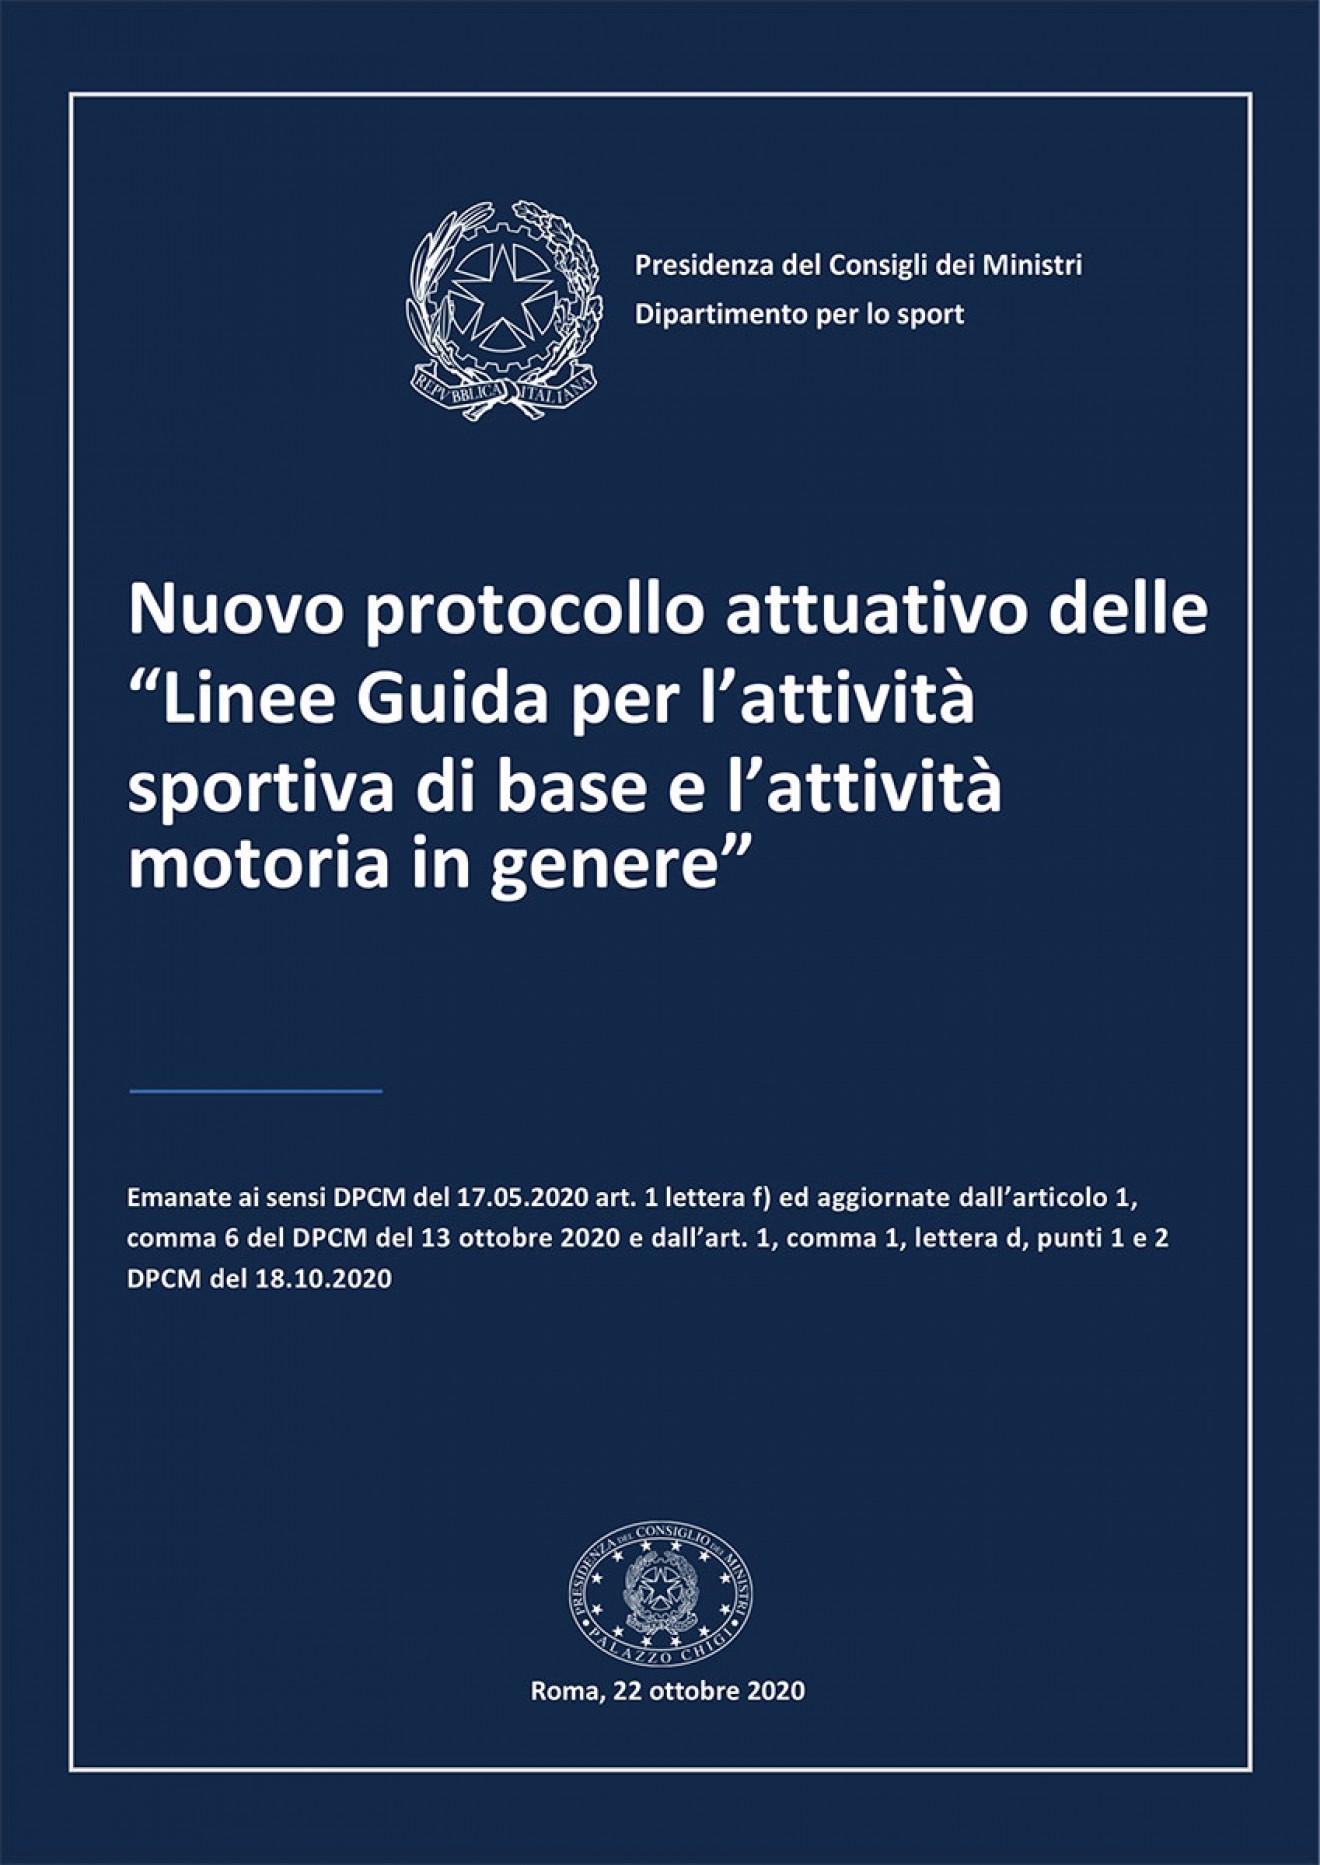 """Nuovo protocollo attuativo delle """"Linee Guida per l'attività sportiva di base e l'attività motoria in genere"""""""